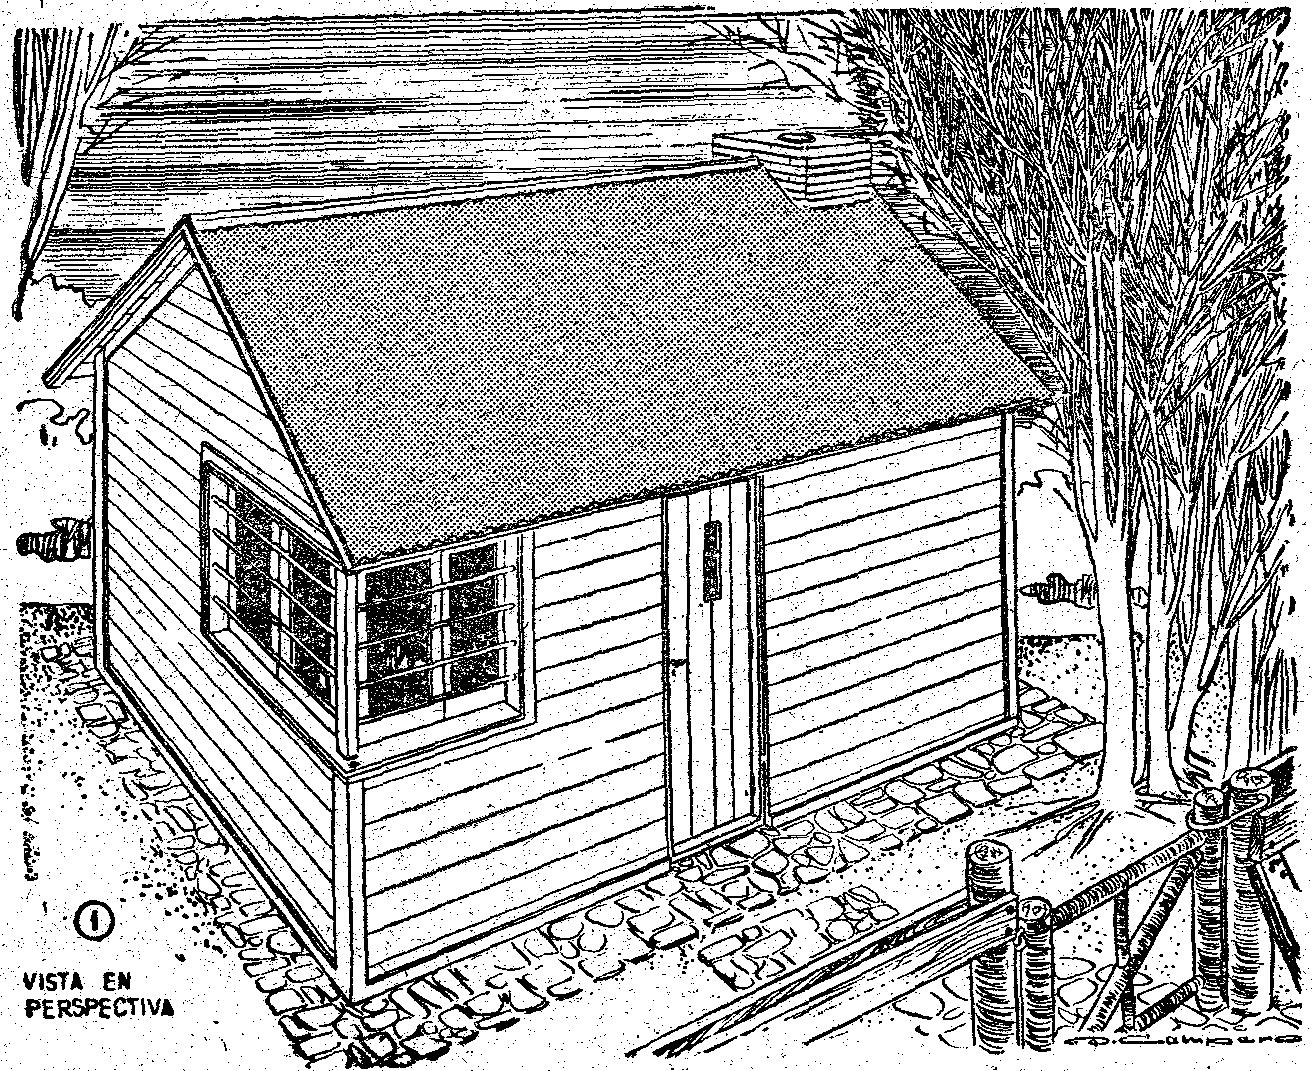 Como construir una casa de madera peque a y ampliable como hacer instrucciones y planos gratis - Como construir una casa de madera ...